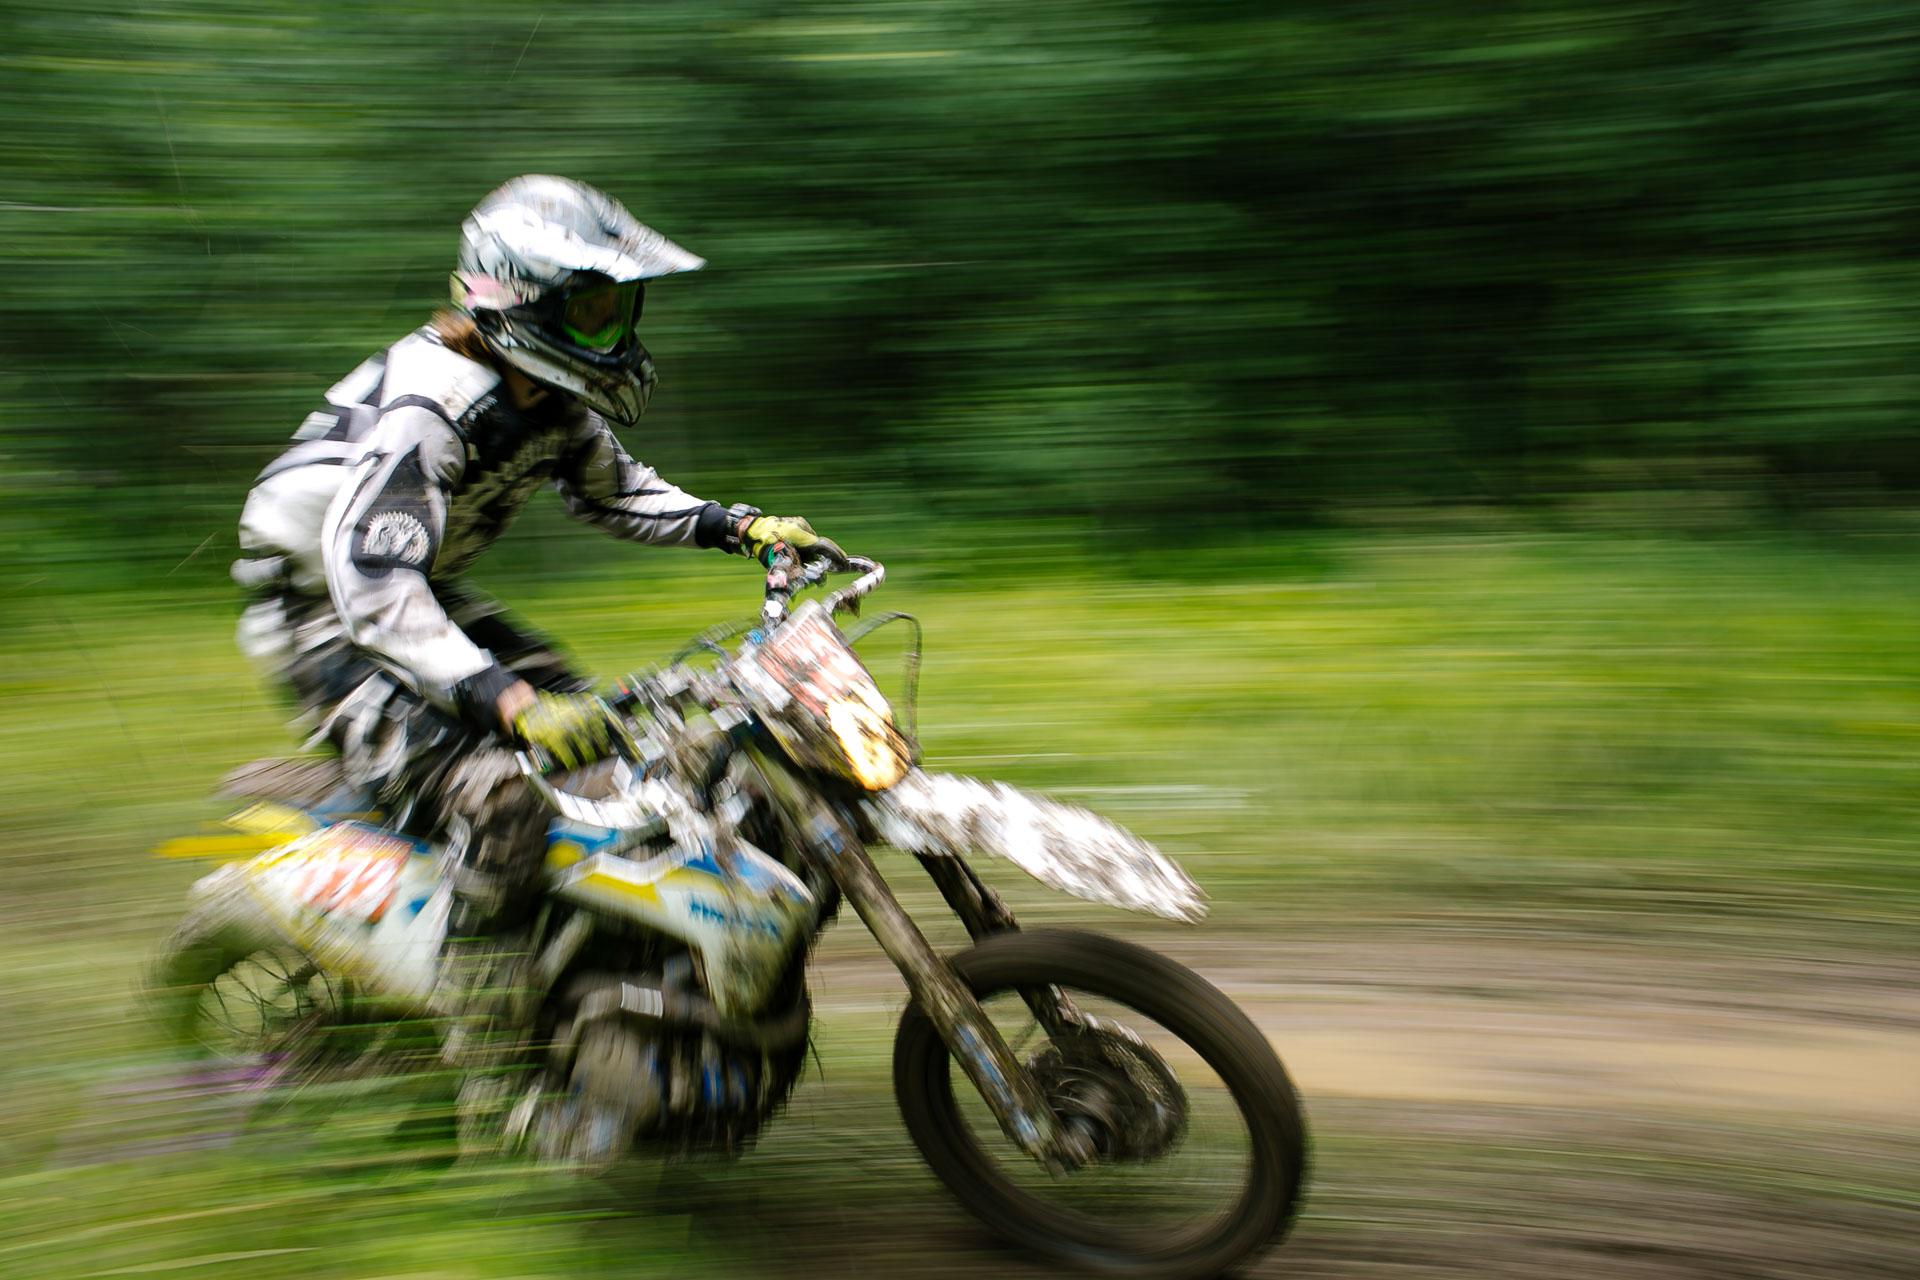 На фотографии мотоциклист на большой скорости едет по лесу. Спортивный мотоцикл, шлем, защита, номер - соревнования. Недалеко от Ярославля открытая тренировка, так называют соревнования летом 2020 года, по эндуро.